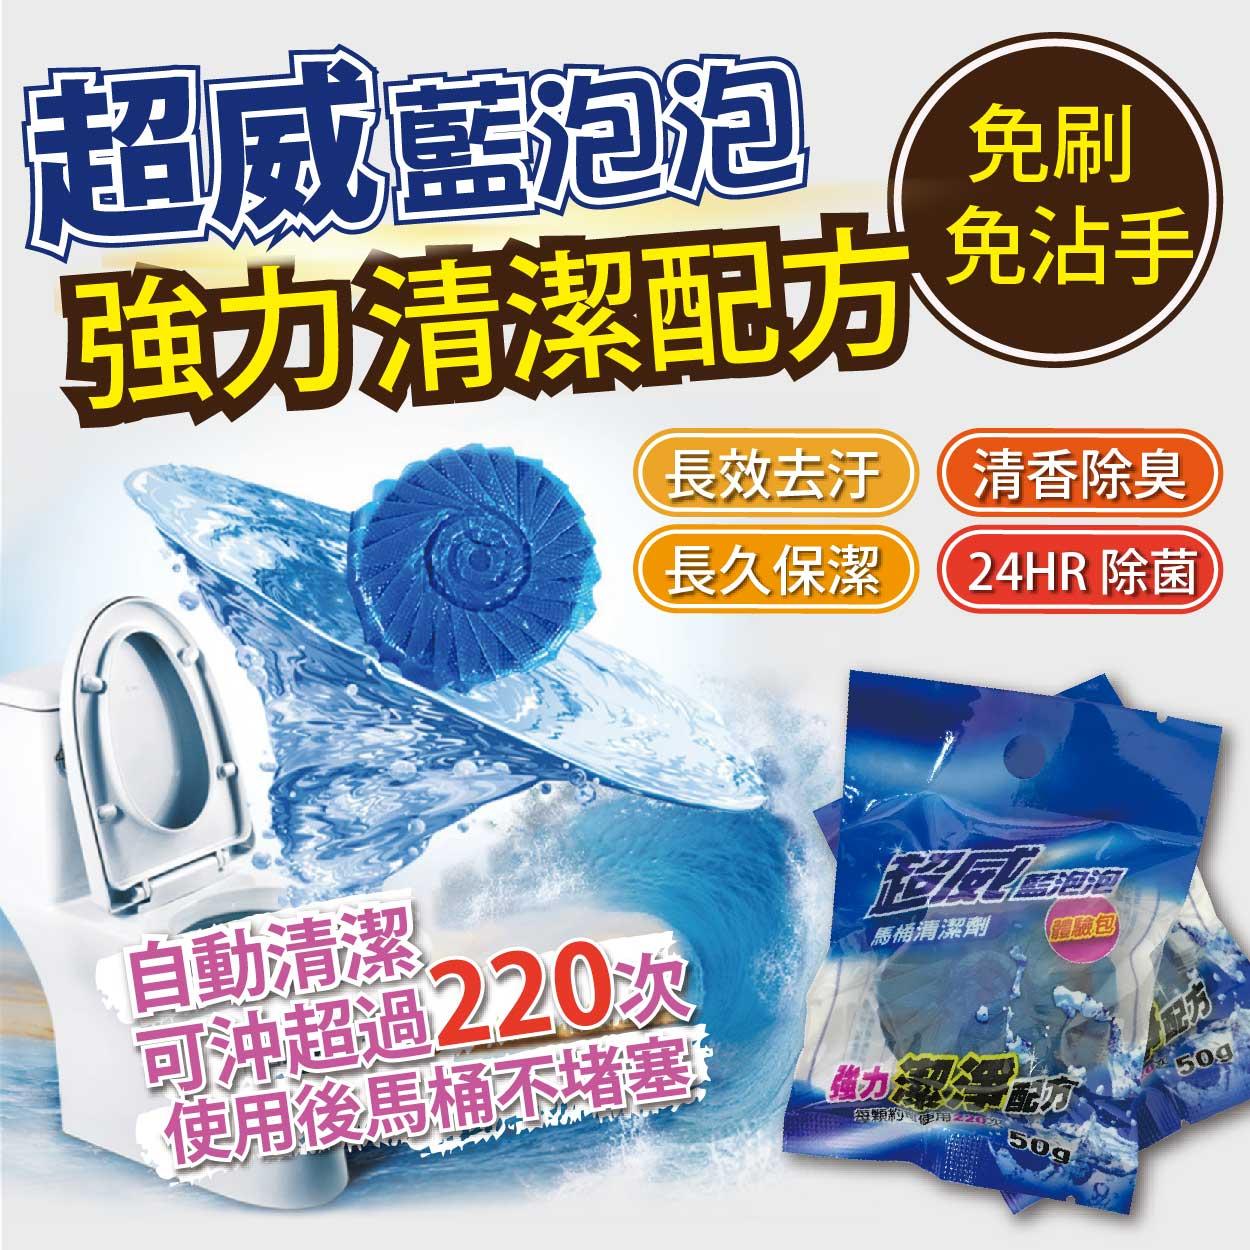 超威藍泡泡 馬桶清潔劑 潔淨 抑菌 除臭 水溶膜包覆 拿取不沾手 清潔劑 馬桶清潔 清潔錠 廁所清潔塊 潔廁劑 除臭劑